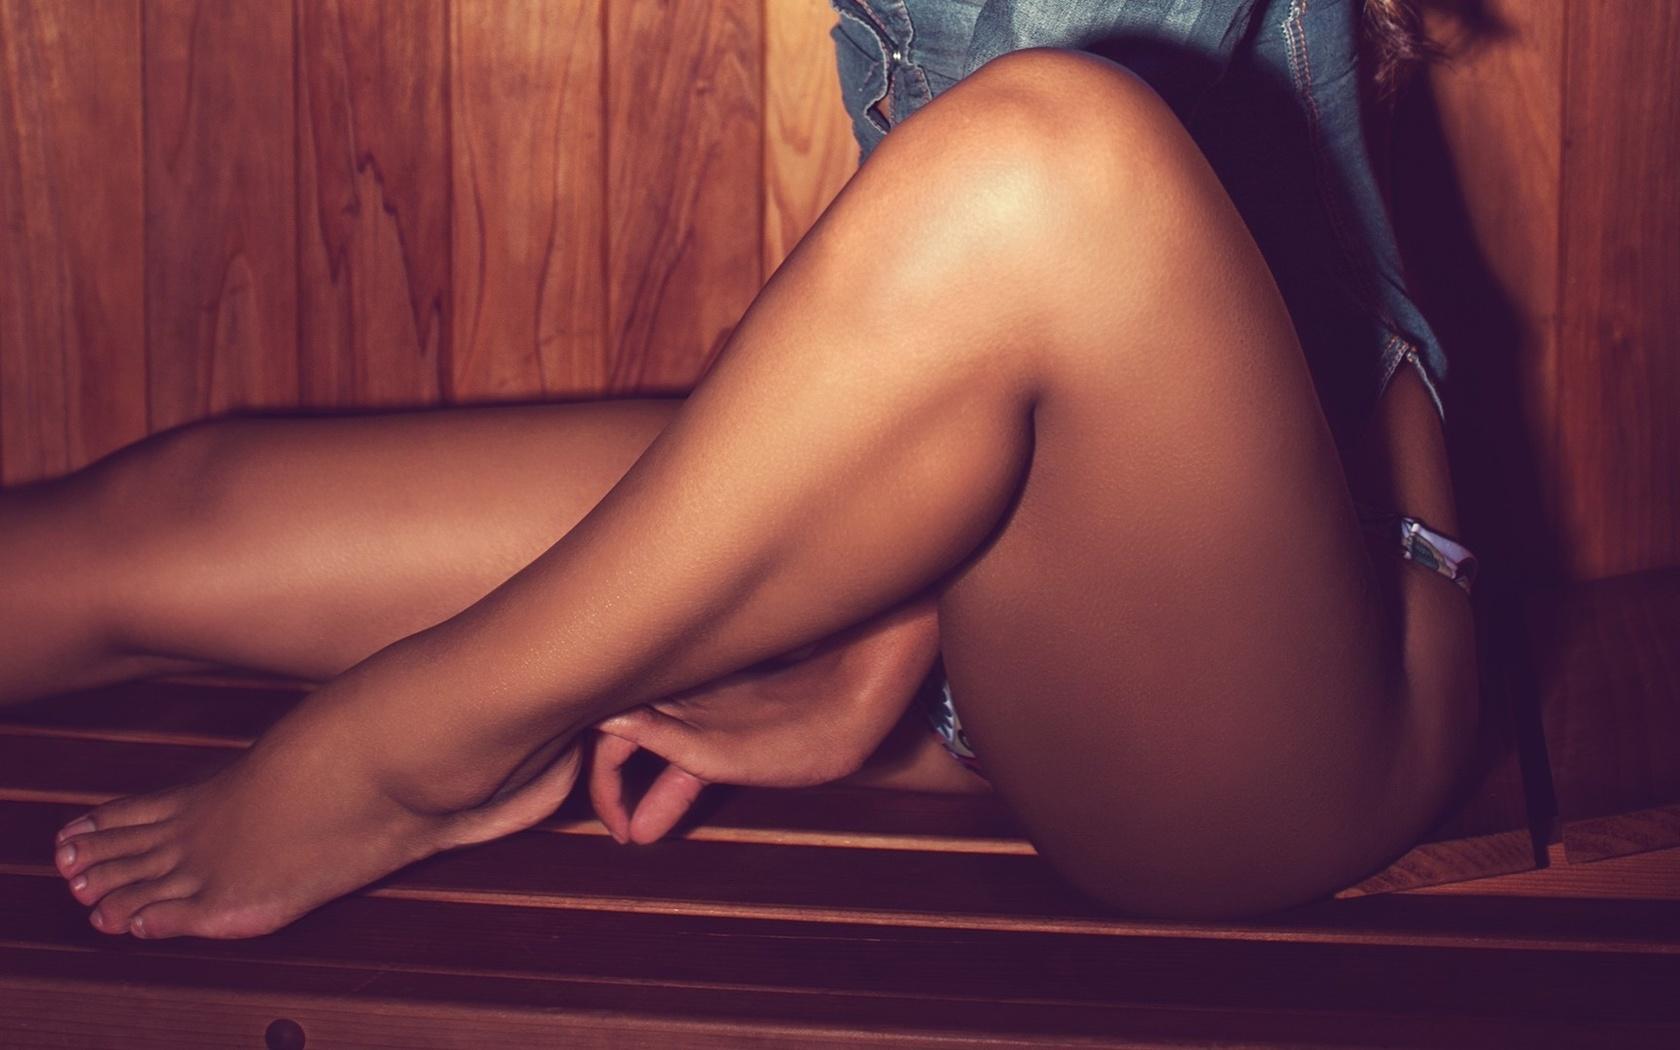 erotichnie-nozhki-foto-sluchayno-zasadil-chlen-v-zhopu